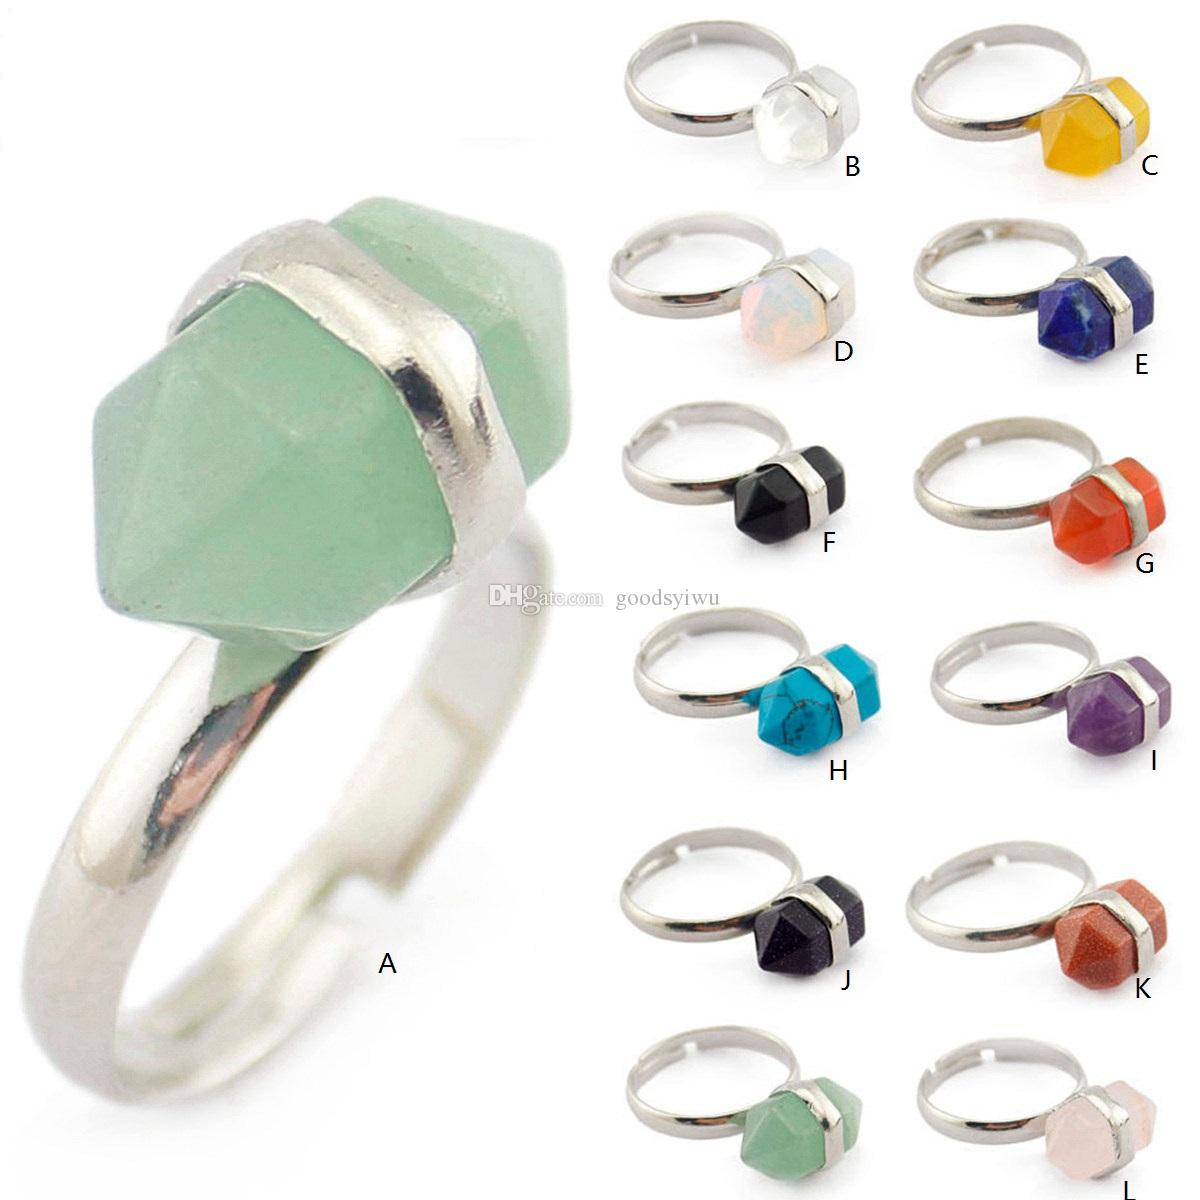 Moda Natural Curto Cristal Hexágono Anel de Pedra Prisma Quartzo Cura Chakra Gemstone Anéis Bohemia Abertura de Jóias para As Mulheres